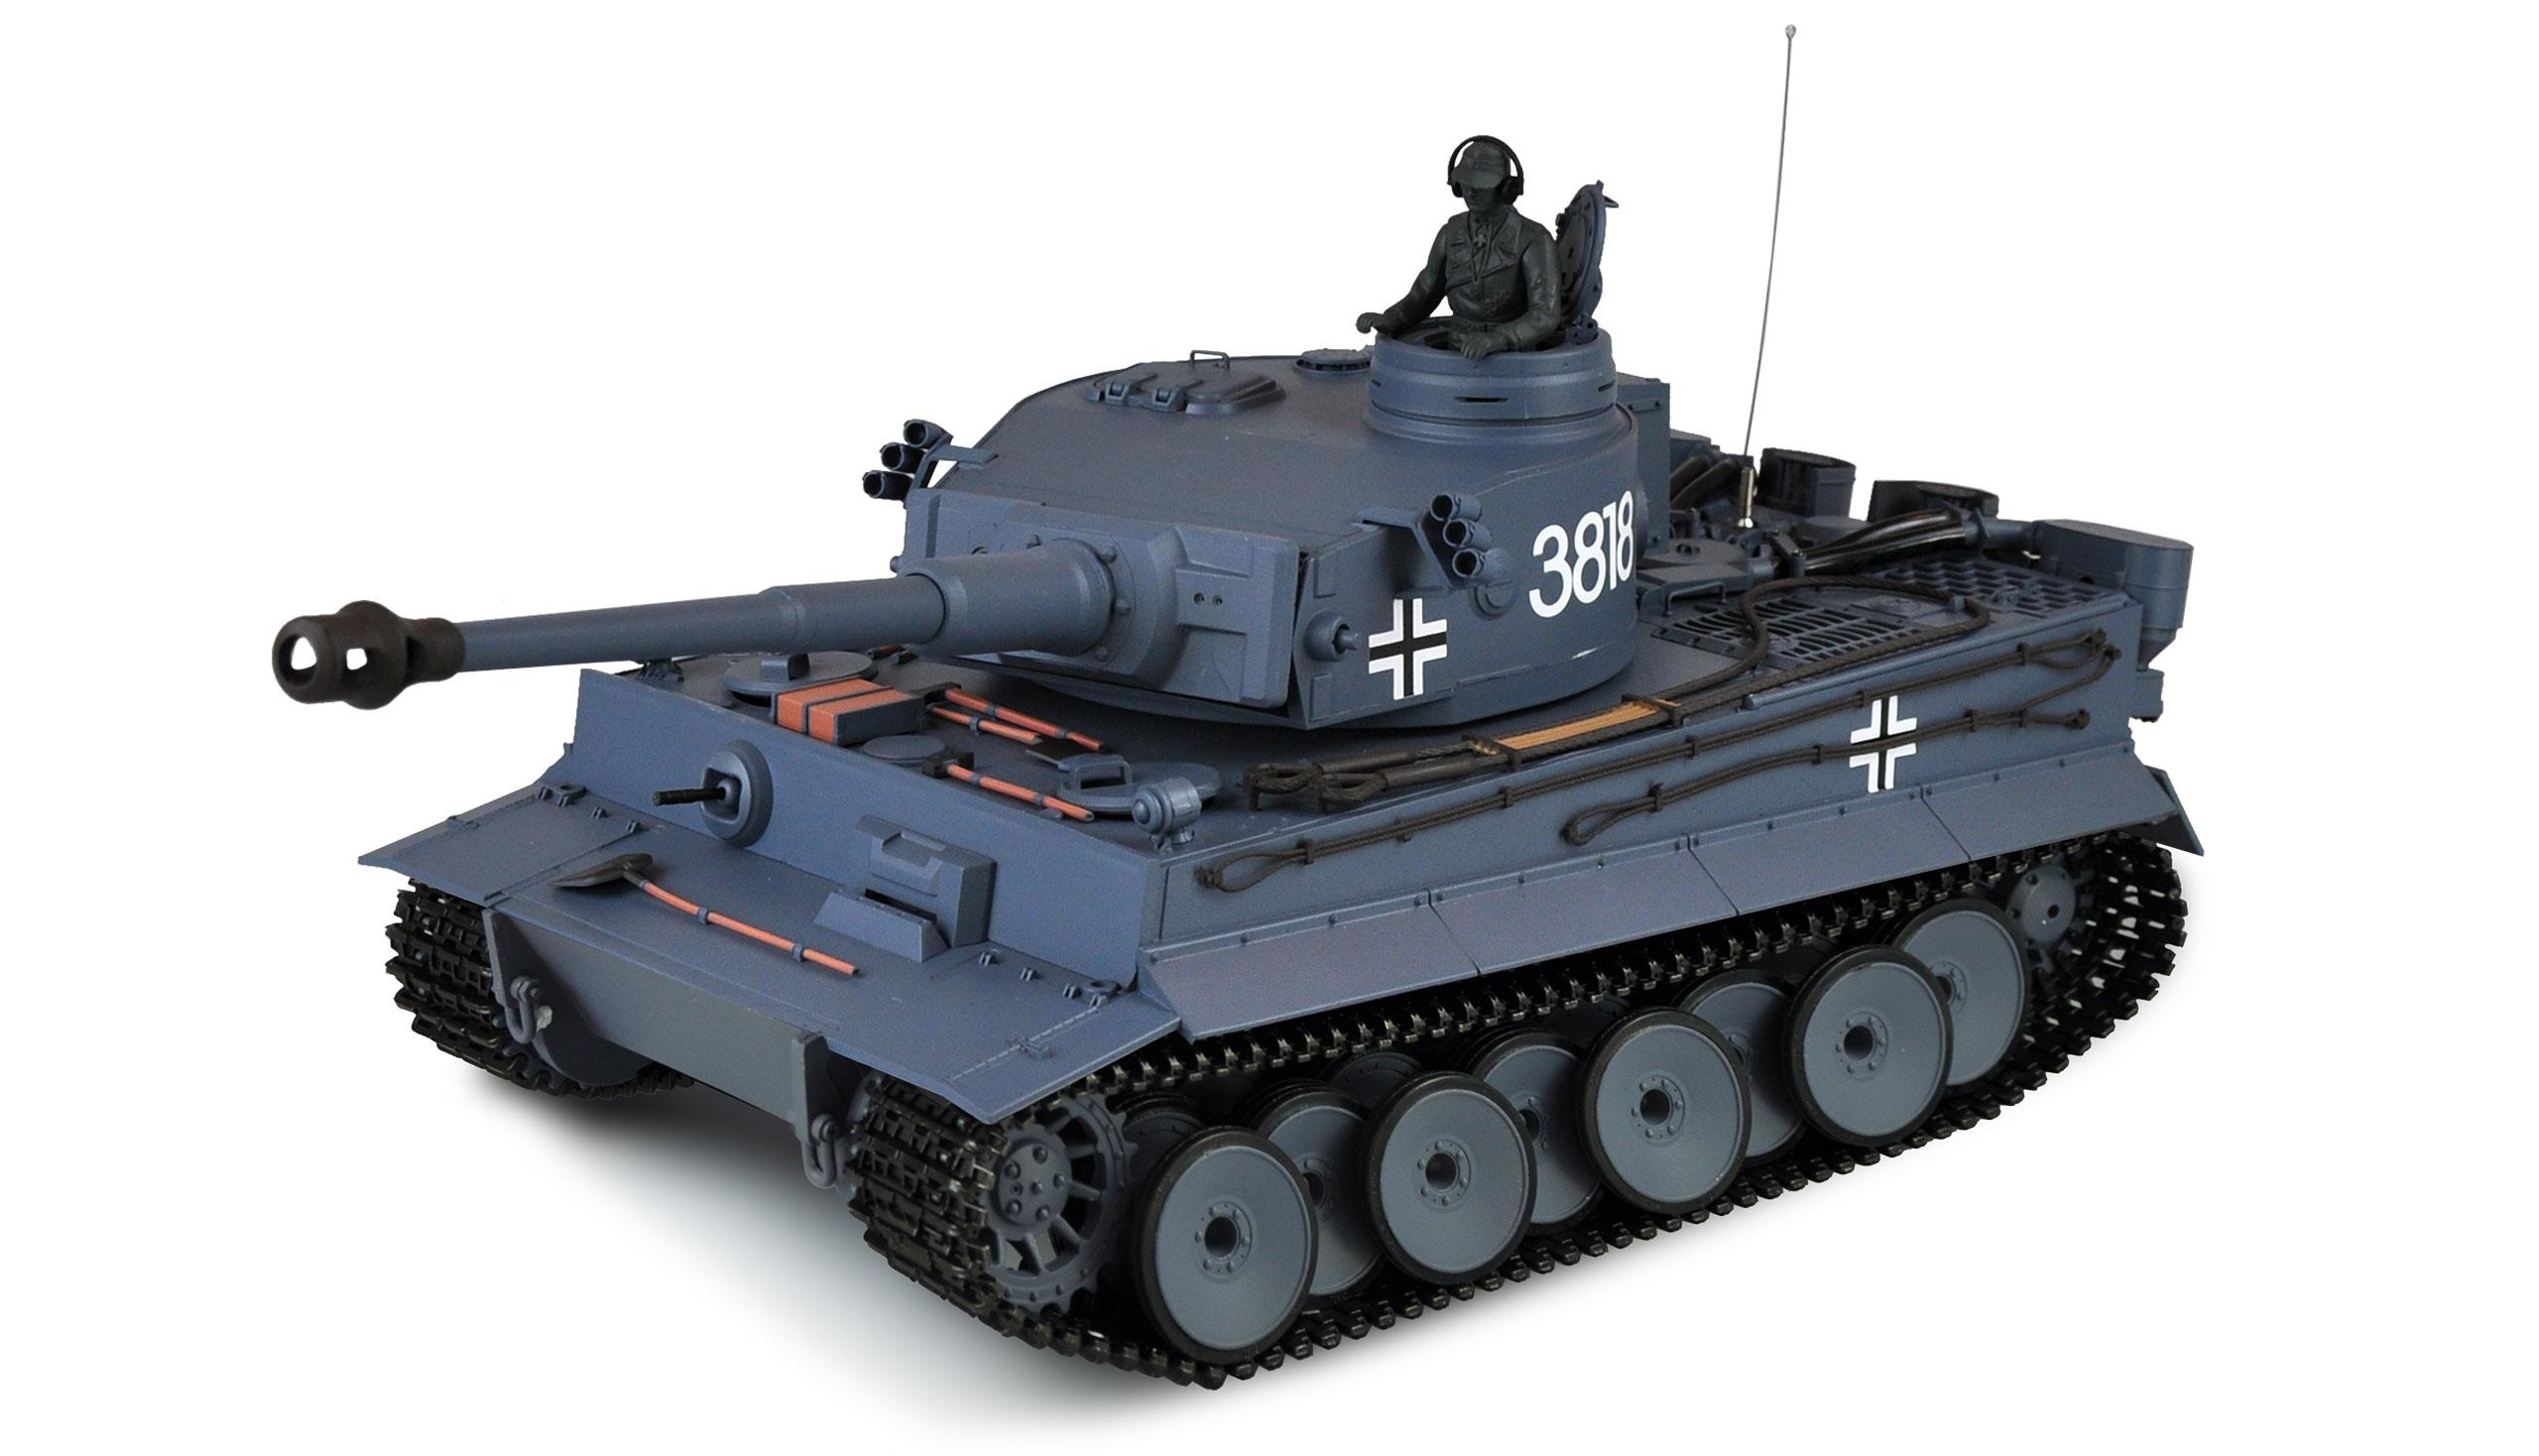 Vorschau: Amewi Tiger I - Funkgesteuerter (RC) Panzer - Elektromotor - 1:16 - Betriebsbereit (RTR) - Junge - 14 Jahr(e)